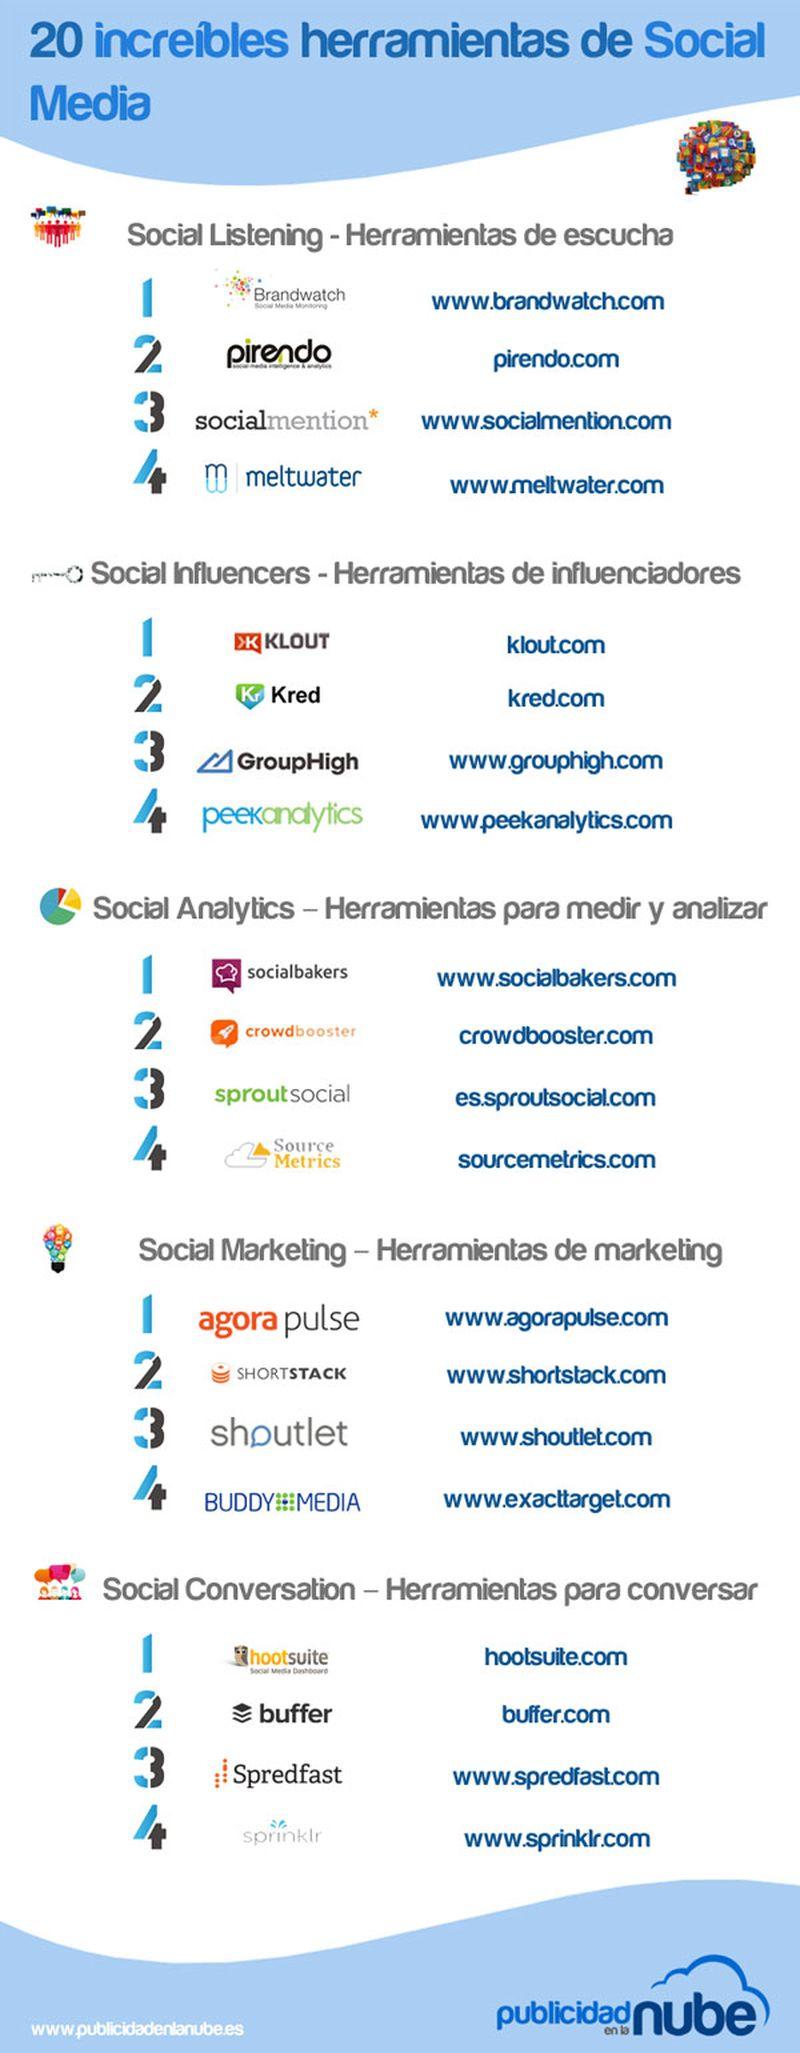 20 impresionantes herramientas de Social Media (infografía)